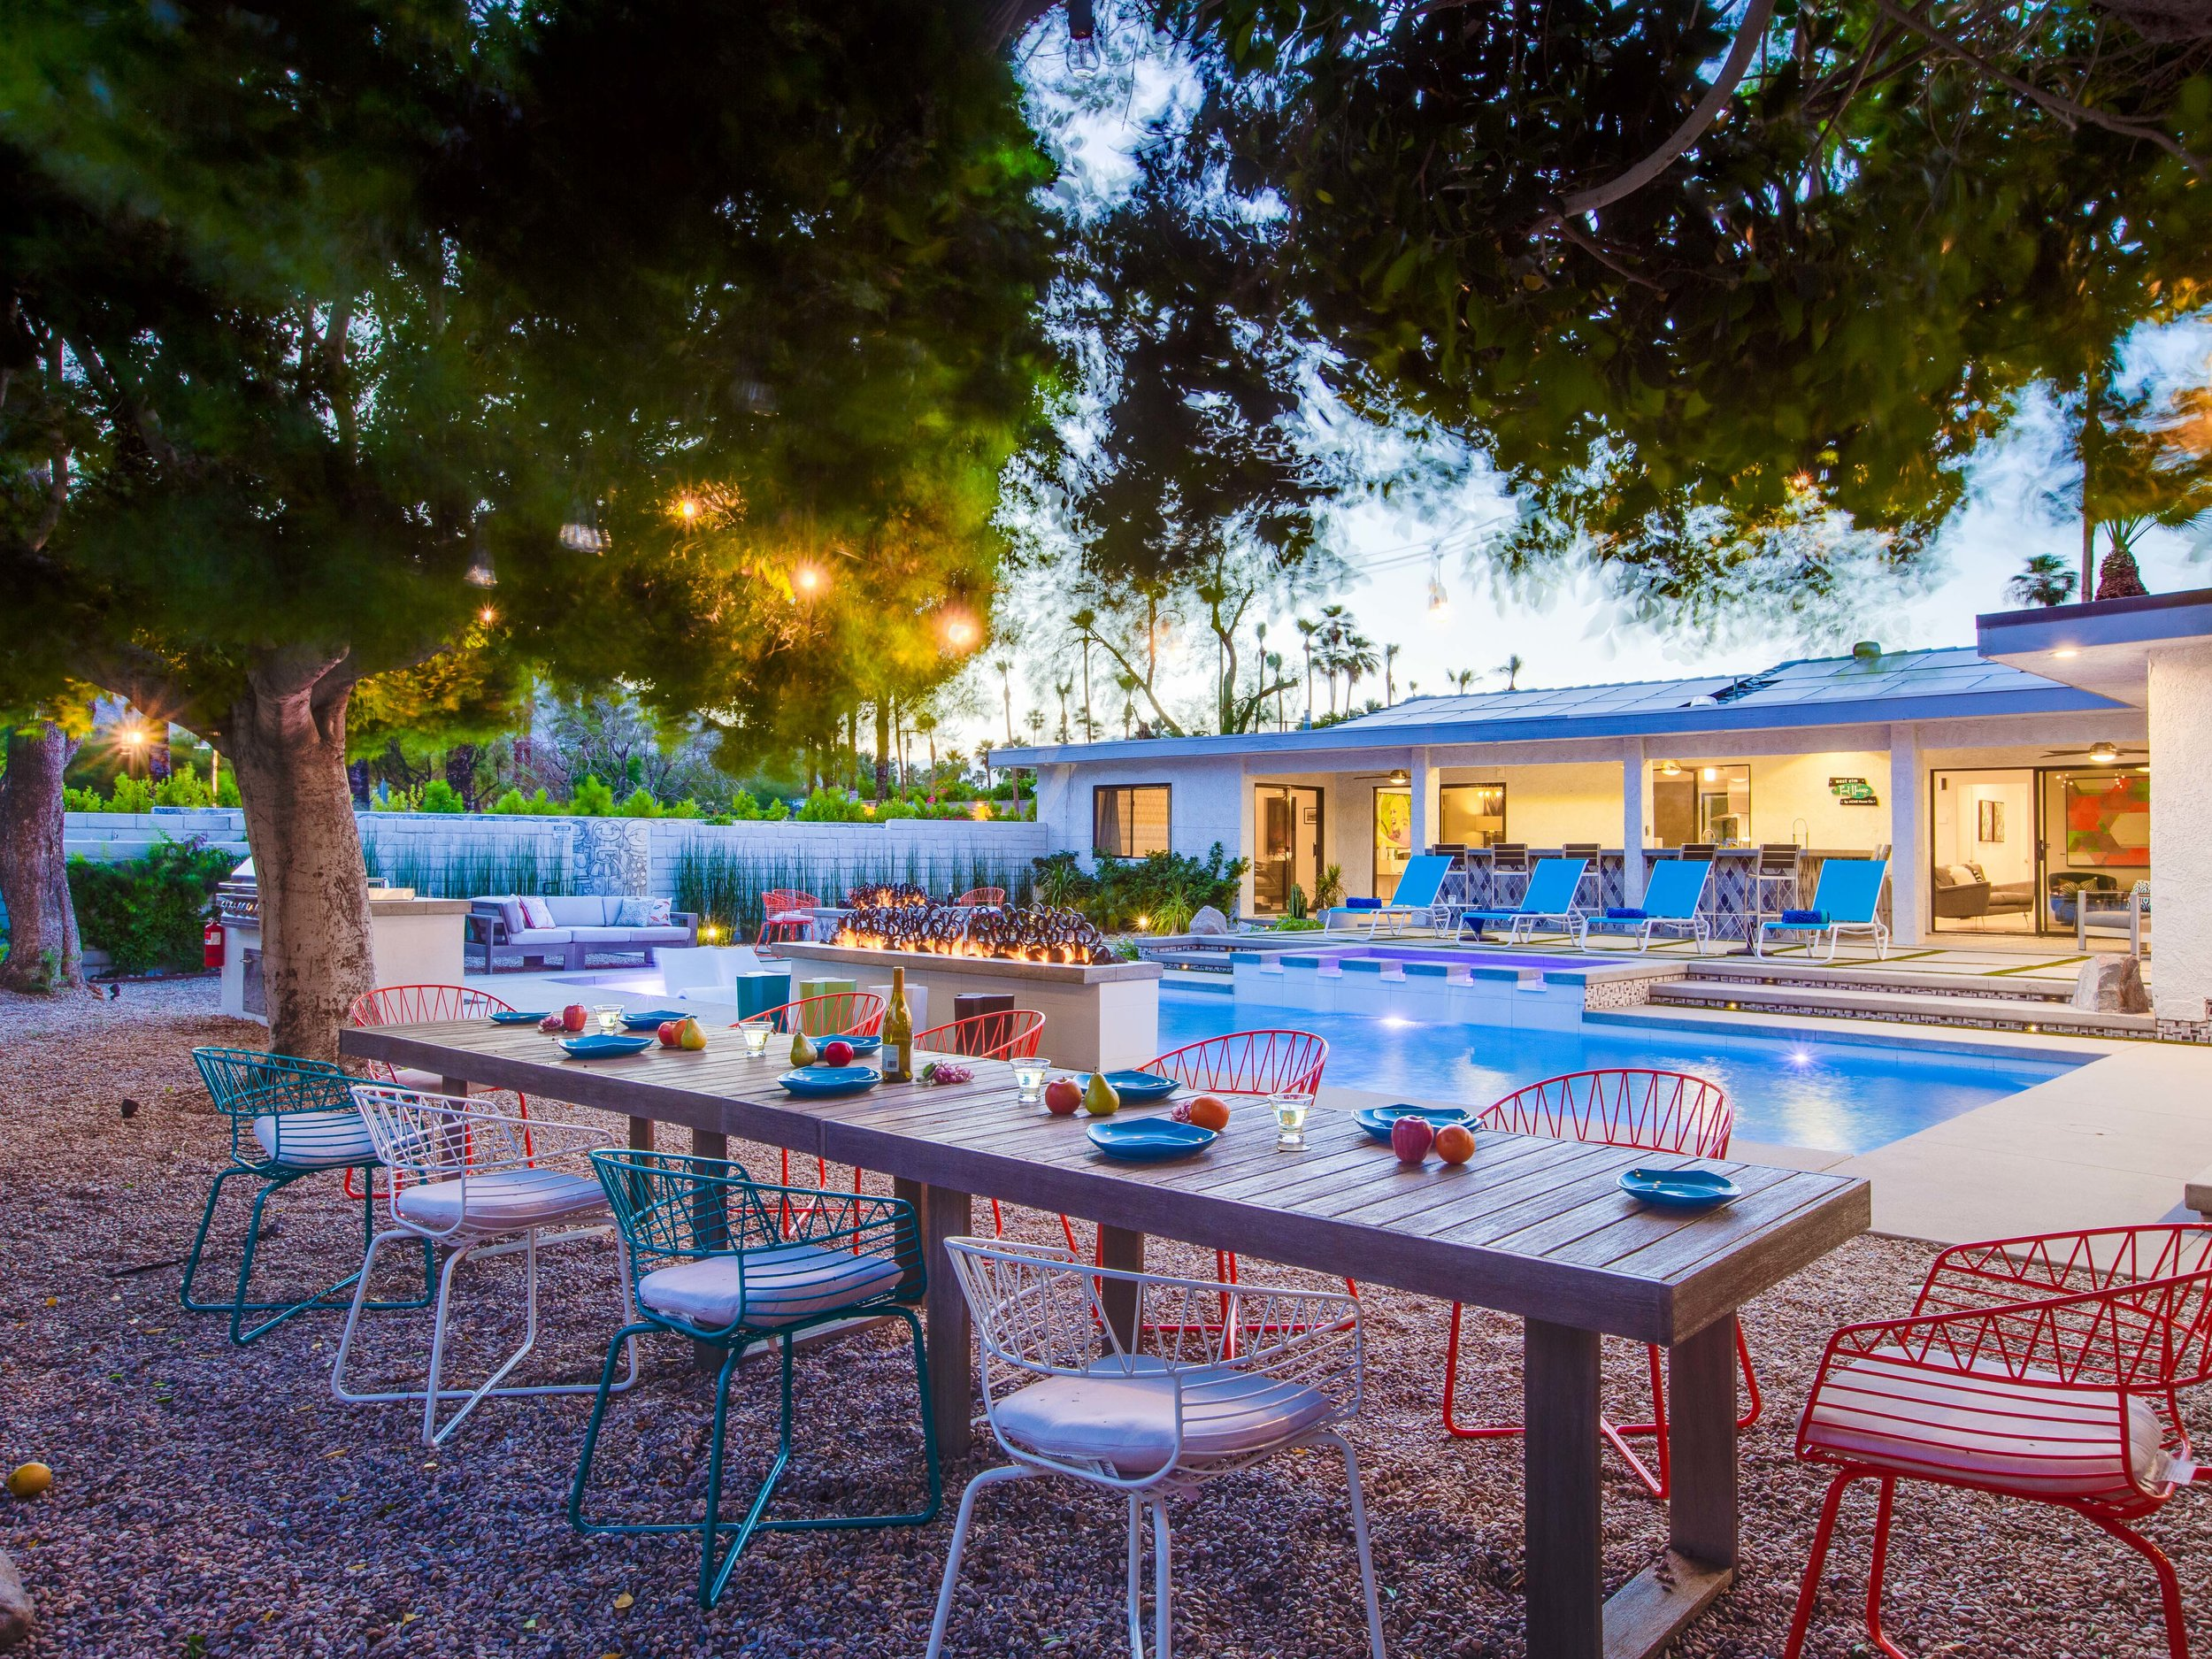 Acme House Company - The West Elm House 2018: The Pool House